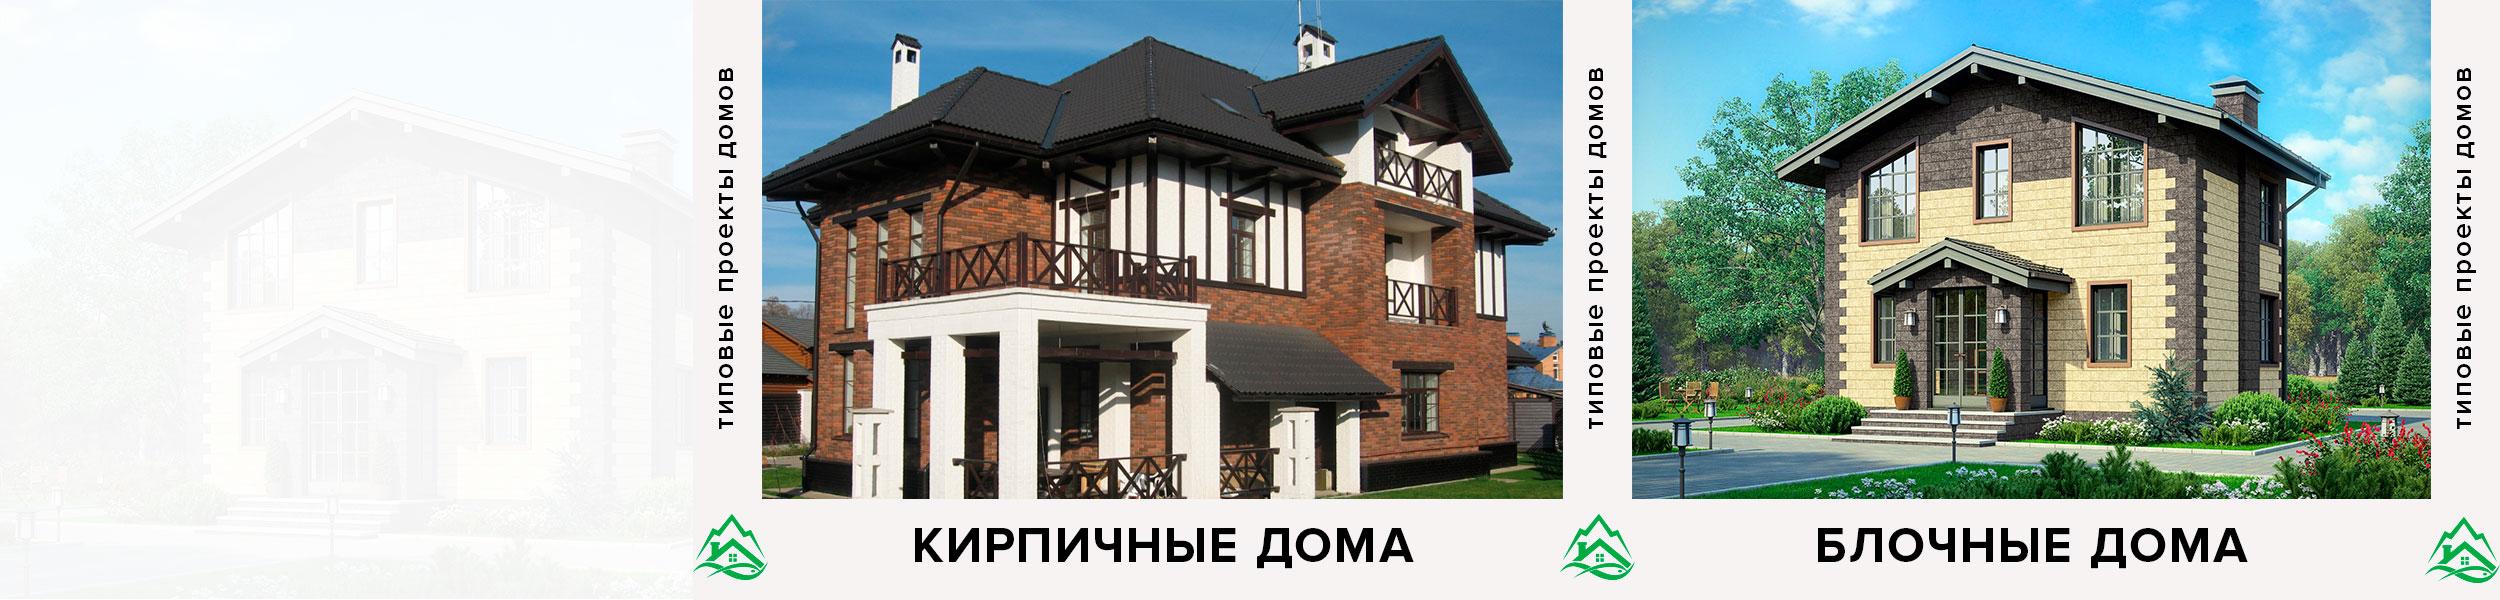 Кирпичные и блочные дома